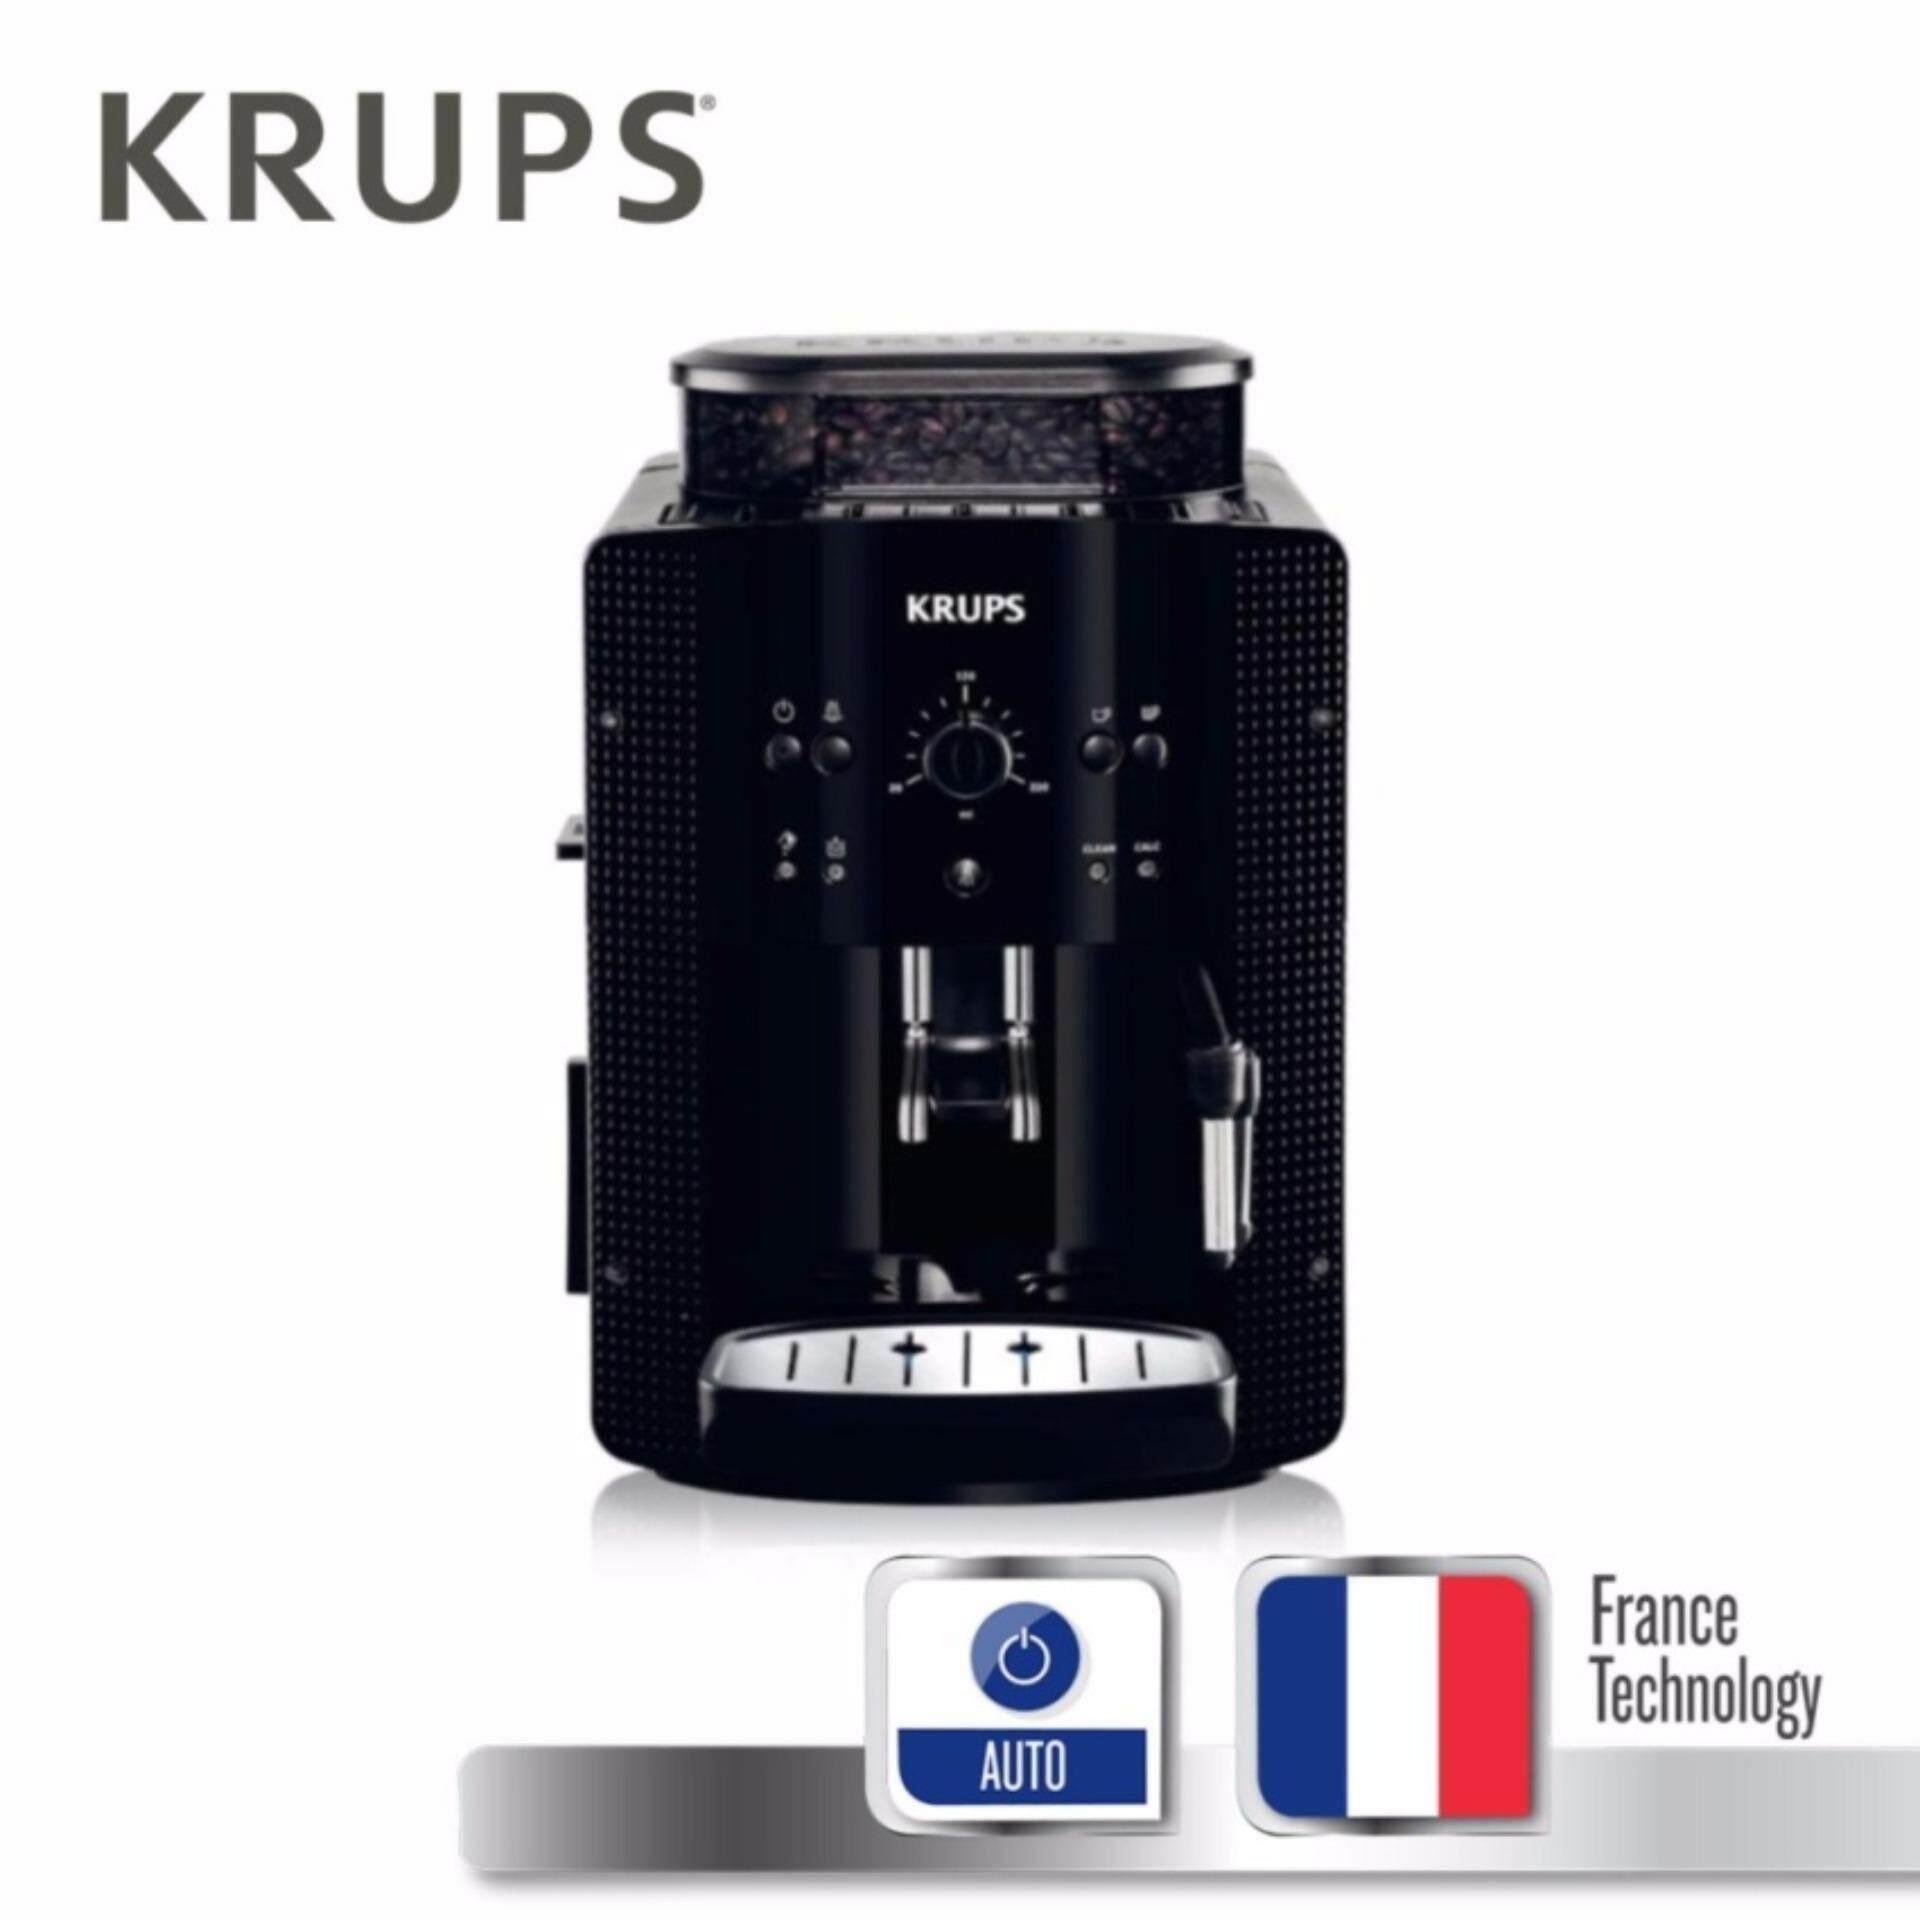 ส่วนลด สินค้า Krups เครื่องชงกาแฟอัตโนมัติ กำลังไฟ 1450 วัตต์ แรงดันไอน้ำ 15 บาร์ ความจุแท้งน้ำ 1 7 ลิตร รุ่น Ea8118 Black